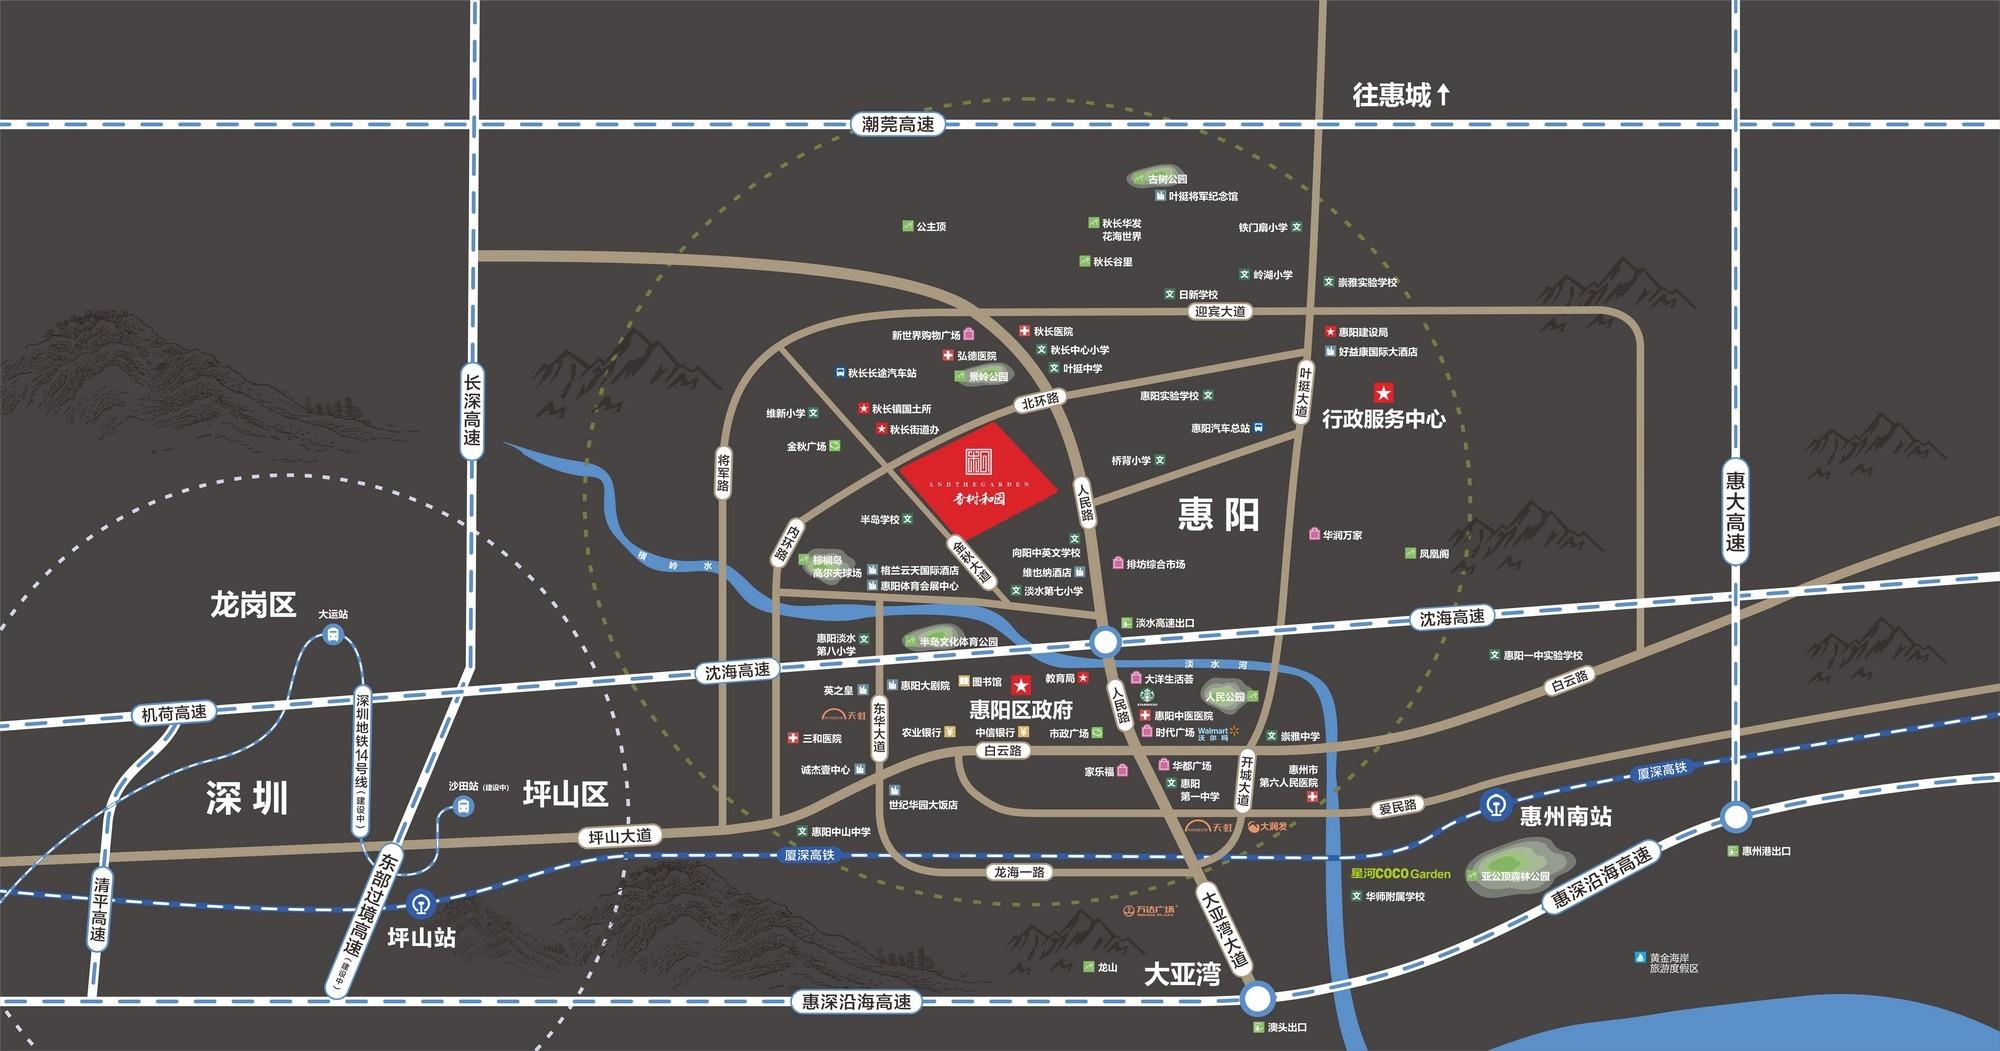 惠阳香树和园位置和交通图